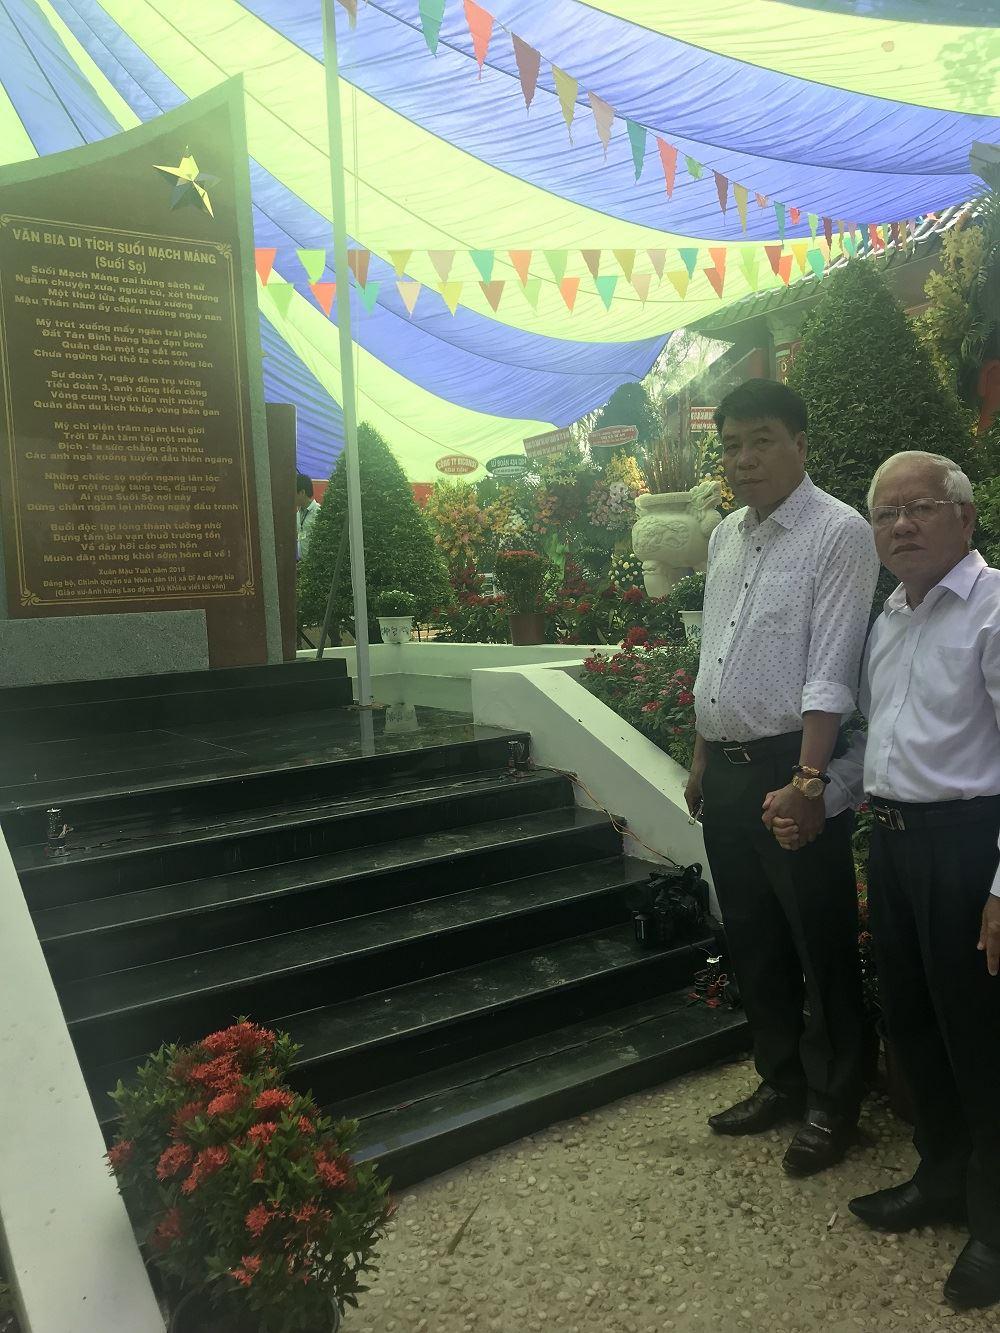 Chủ tịch Hội đồng quản trị kiêm Tổng Giám đốc Công ty Cổ phần Đầu tư Xây dựng Thiên Lộc chụp ảnh kỷ niệm với ông Lê Hoàng Quân - nguyên Ủy viên Trung ương Đảng, nguyên Chủ tịch Ủy ban Nhân dân thành phố Hồ Chí Minh tại buổi gặp mặt kỷ niệm 50 năm trận đánh suối Mạch Máng